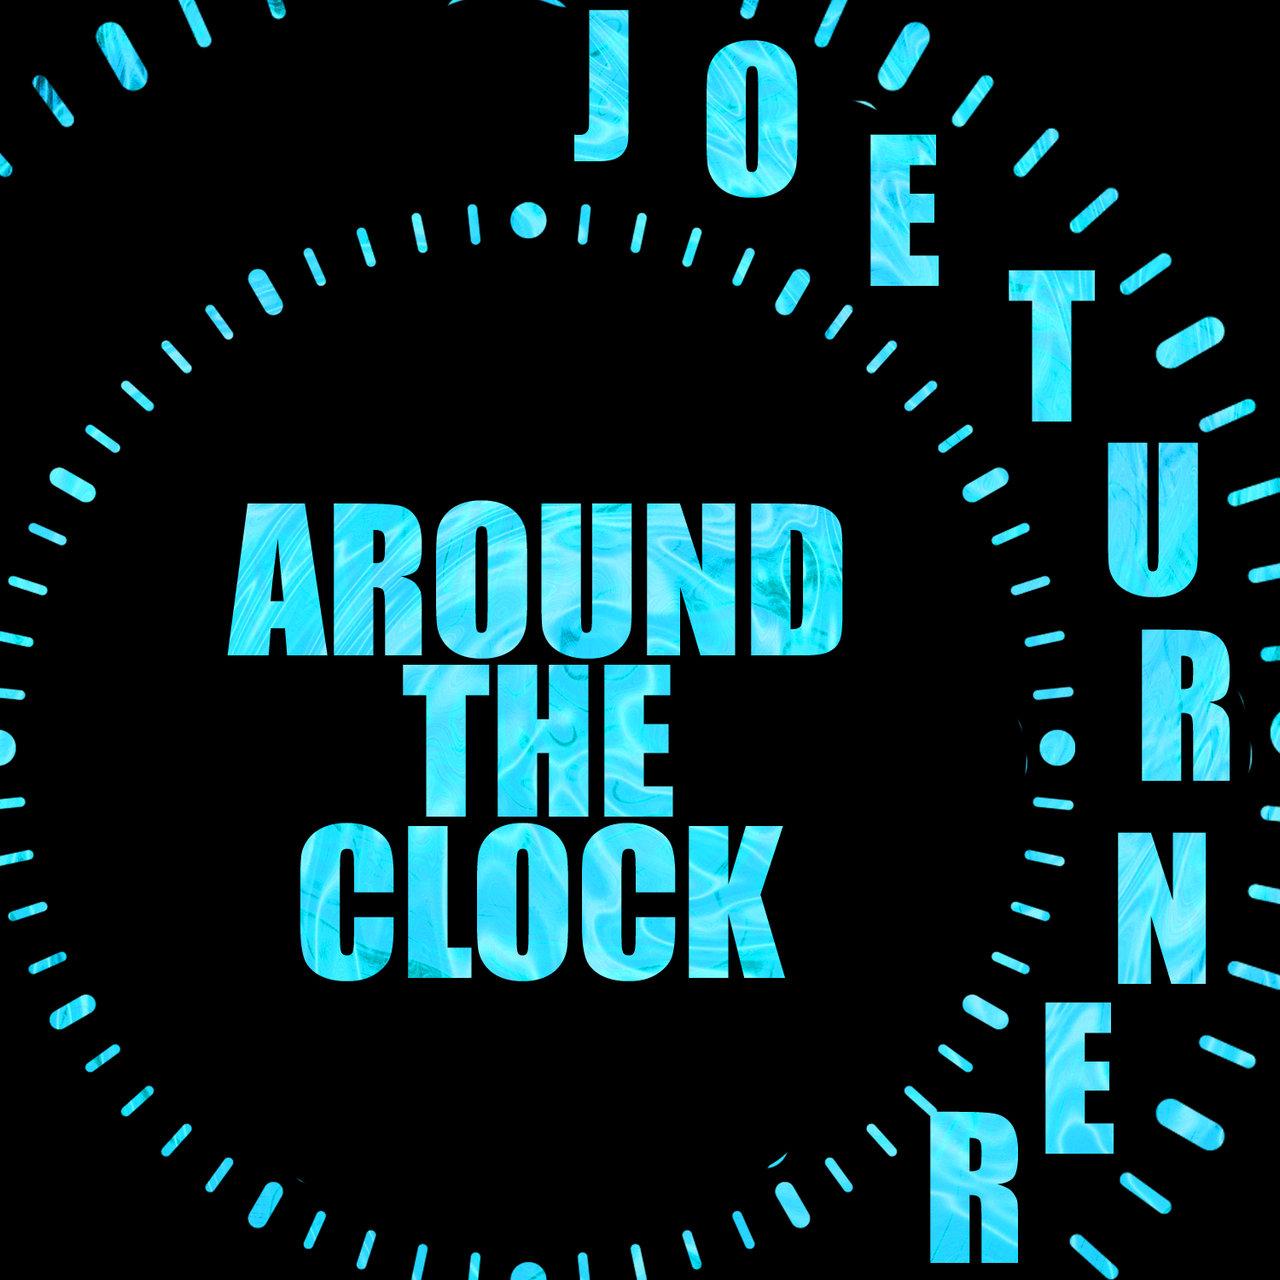 around the clock - 640×640